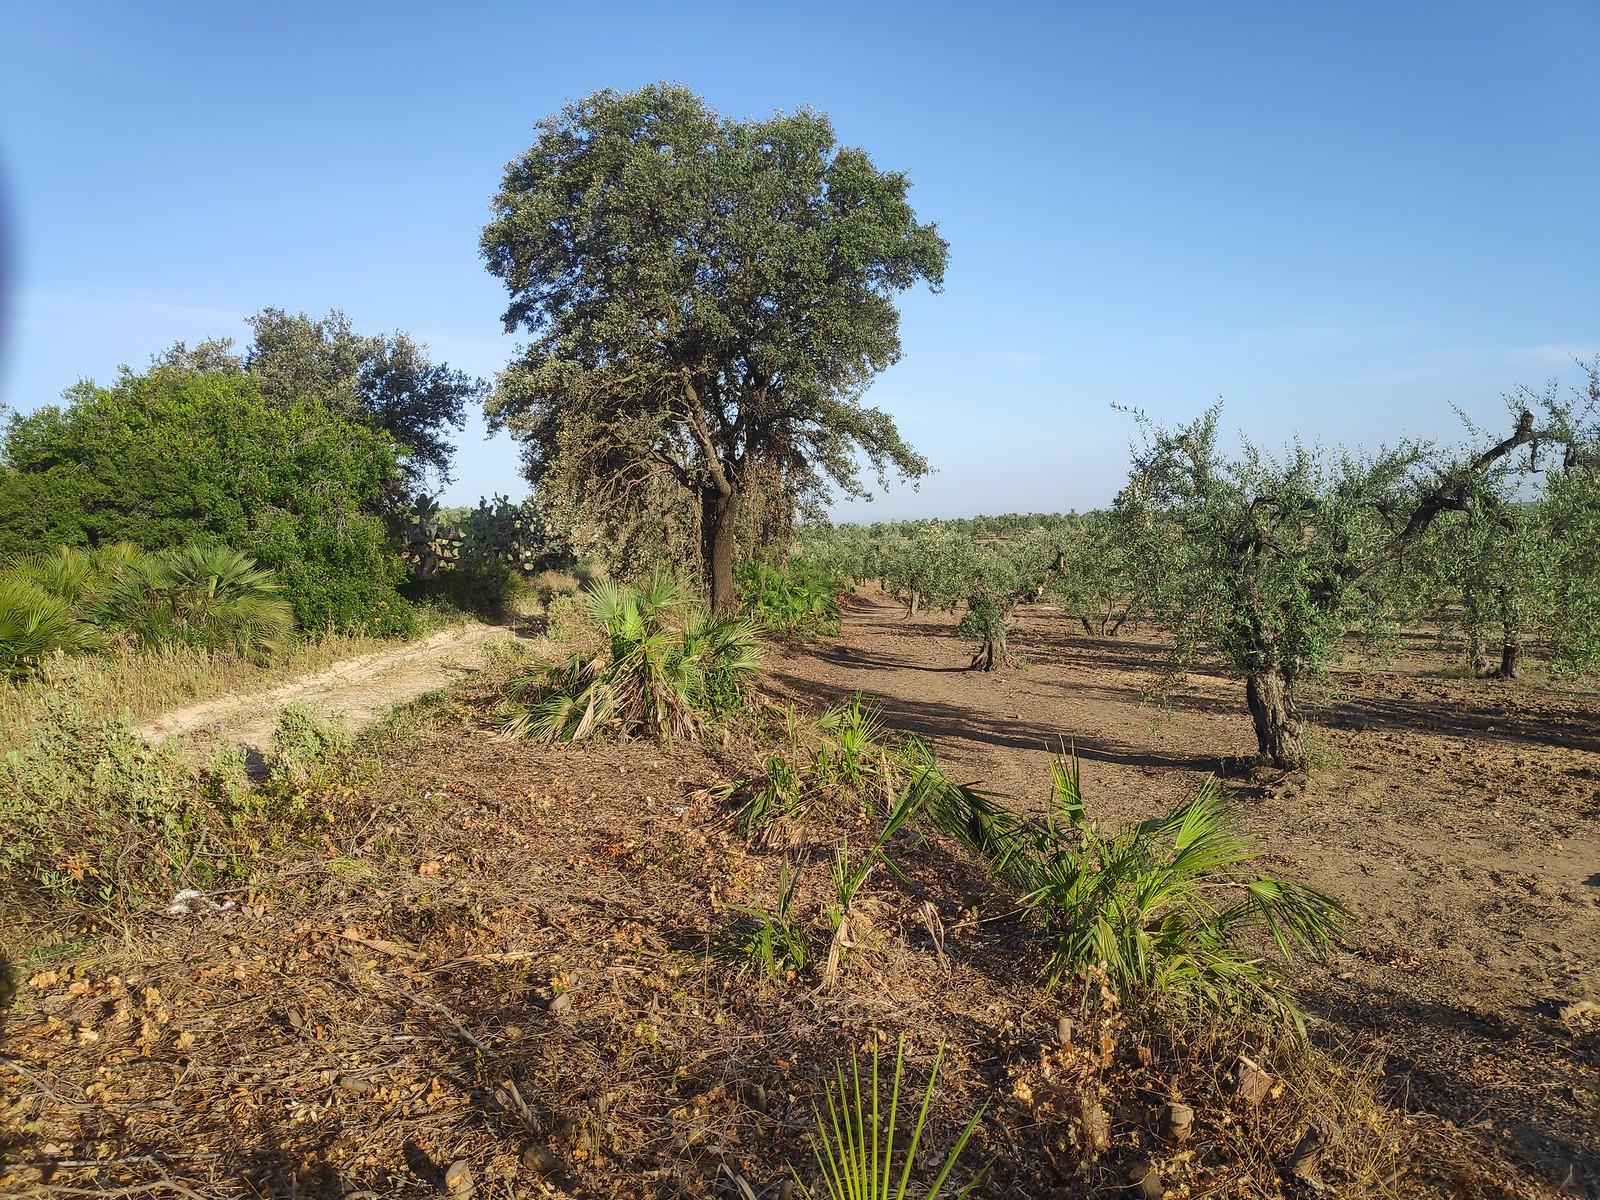 Jaedilla-Ecologistas en Acción denuncia la tala de 15 encinas en Arahal